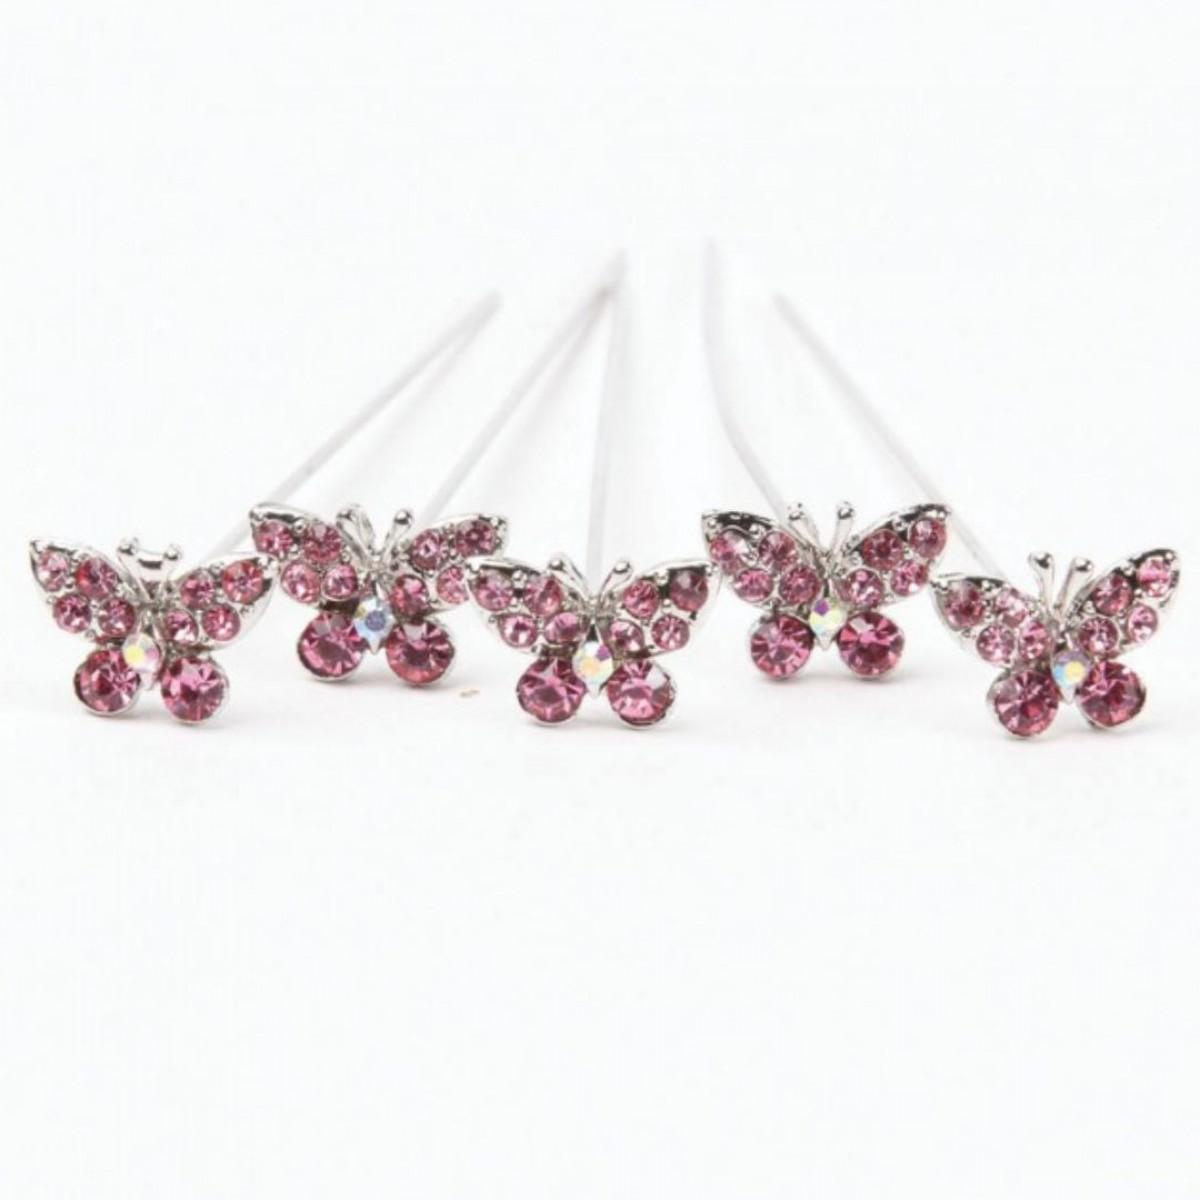 Karas Kisses Butterfly Pink 10mmx8cm 5 Pins